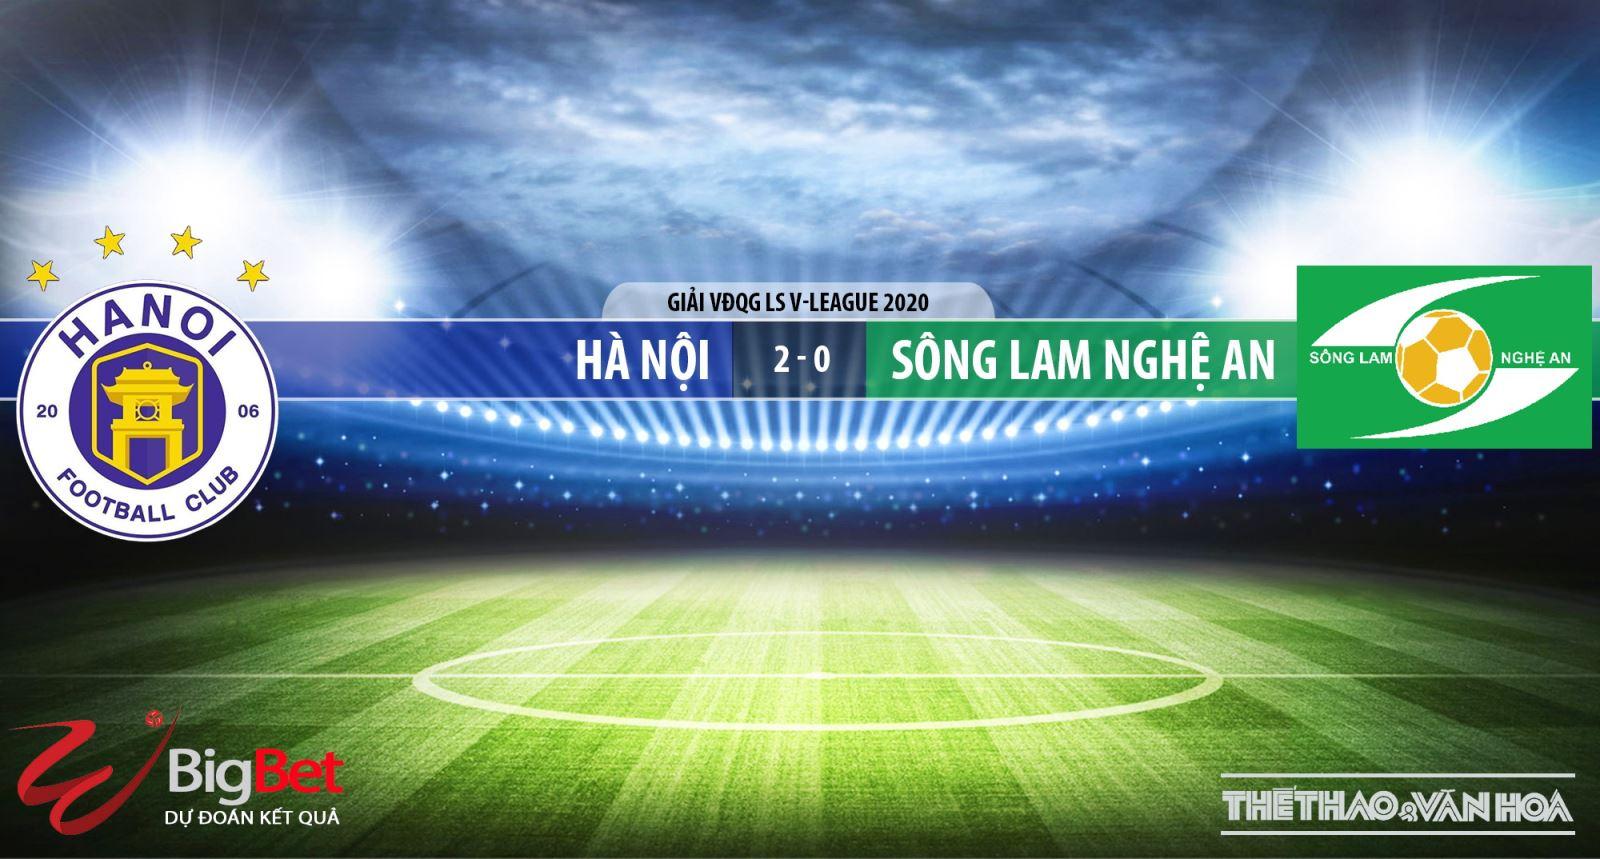 Hà Nội vs Sông Lam Nghệ An, Hà Nội, SLNA, soi kèo bóng đá, bóng đá, dự đoán, trực tiếp bóng đá, nhận định